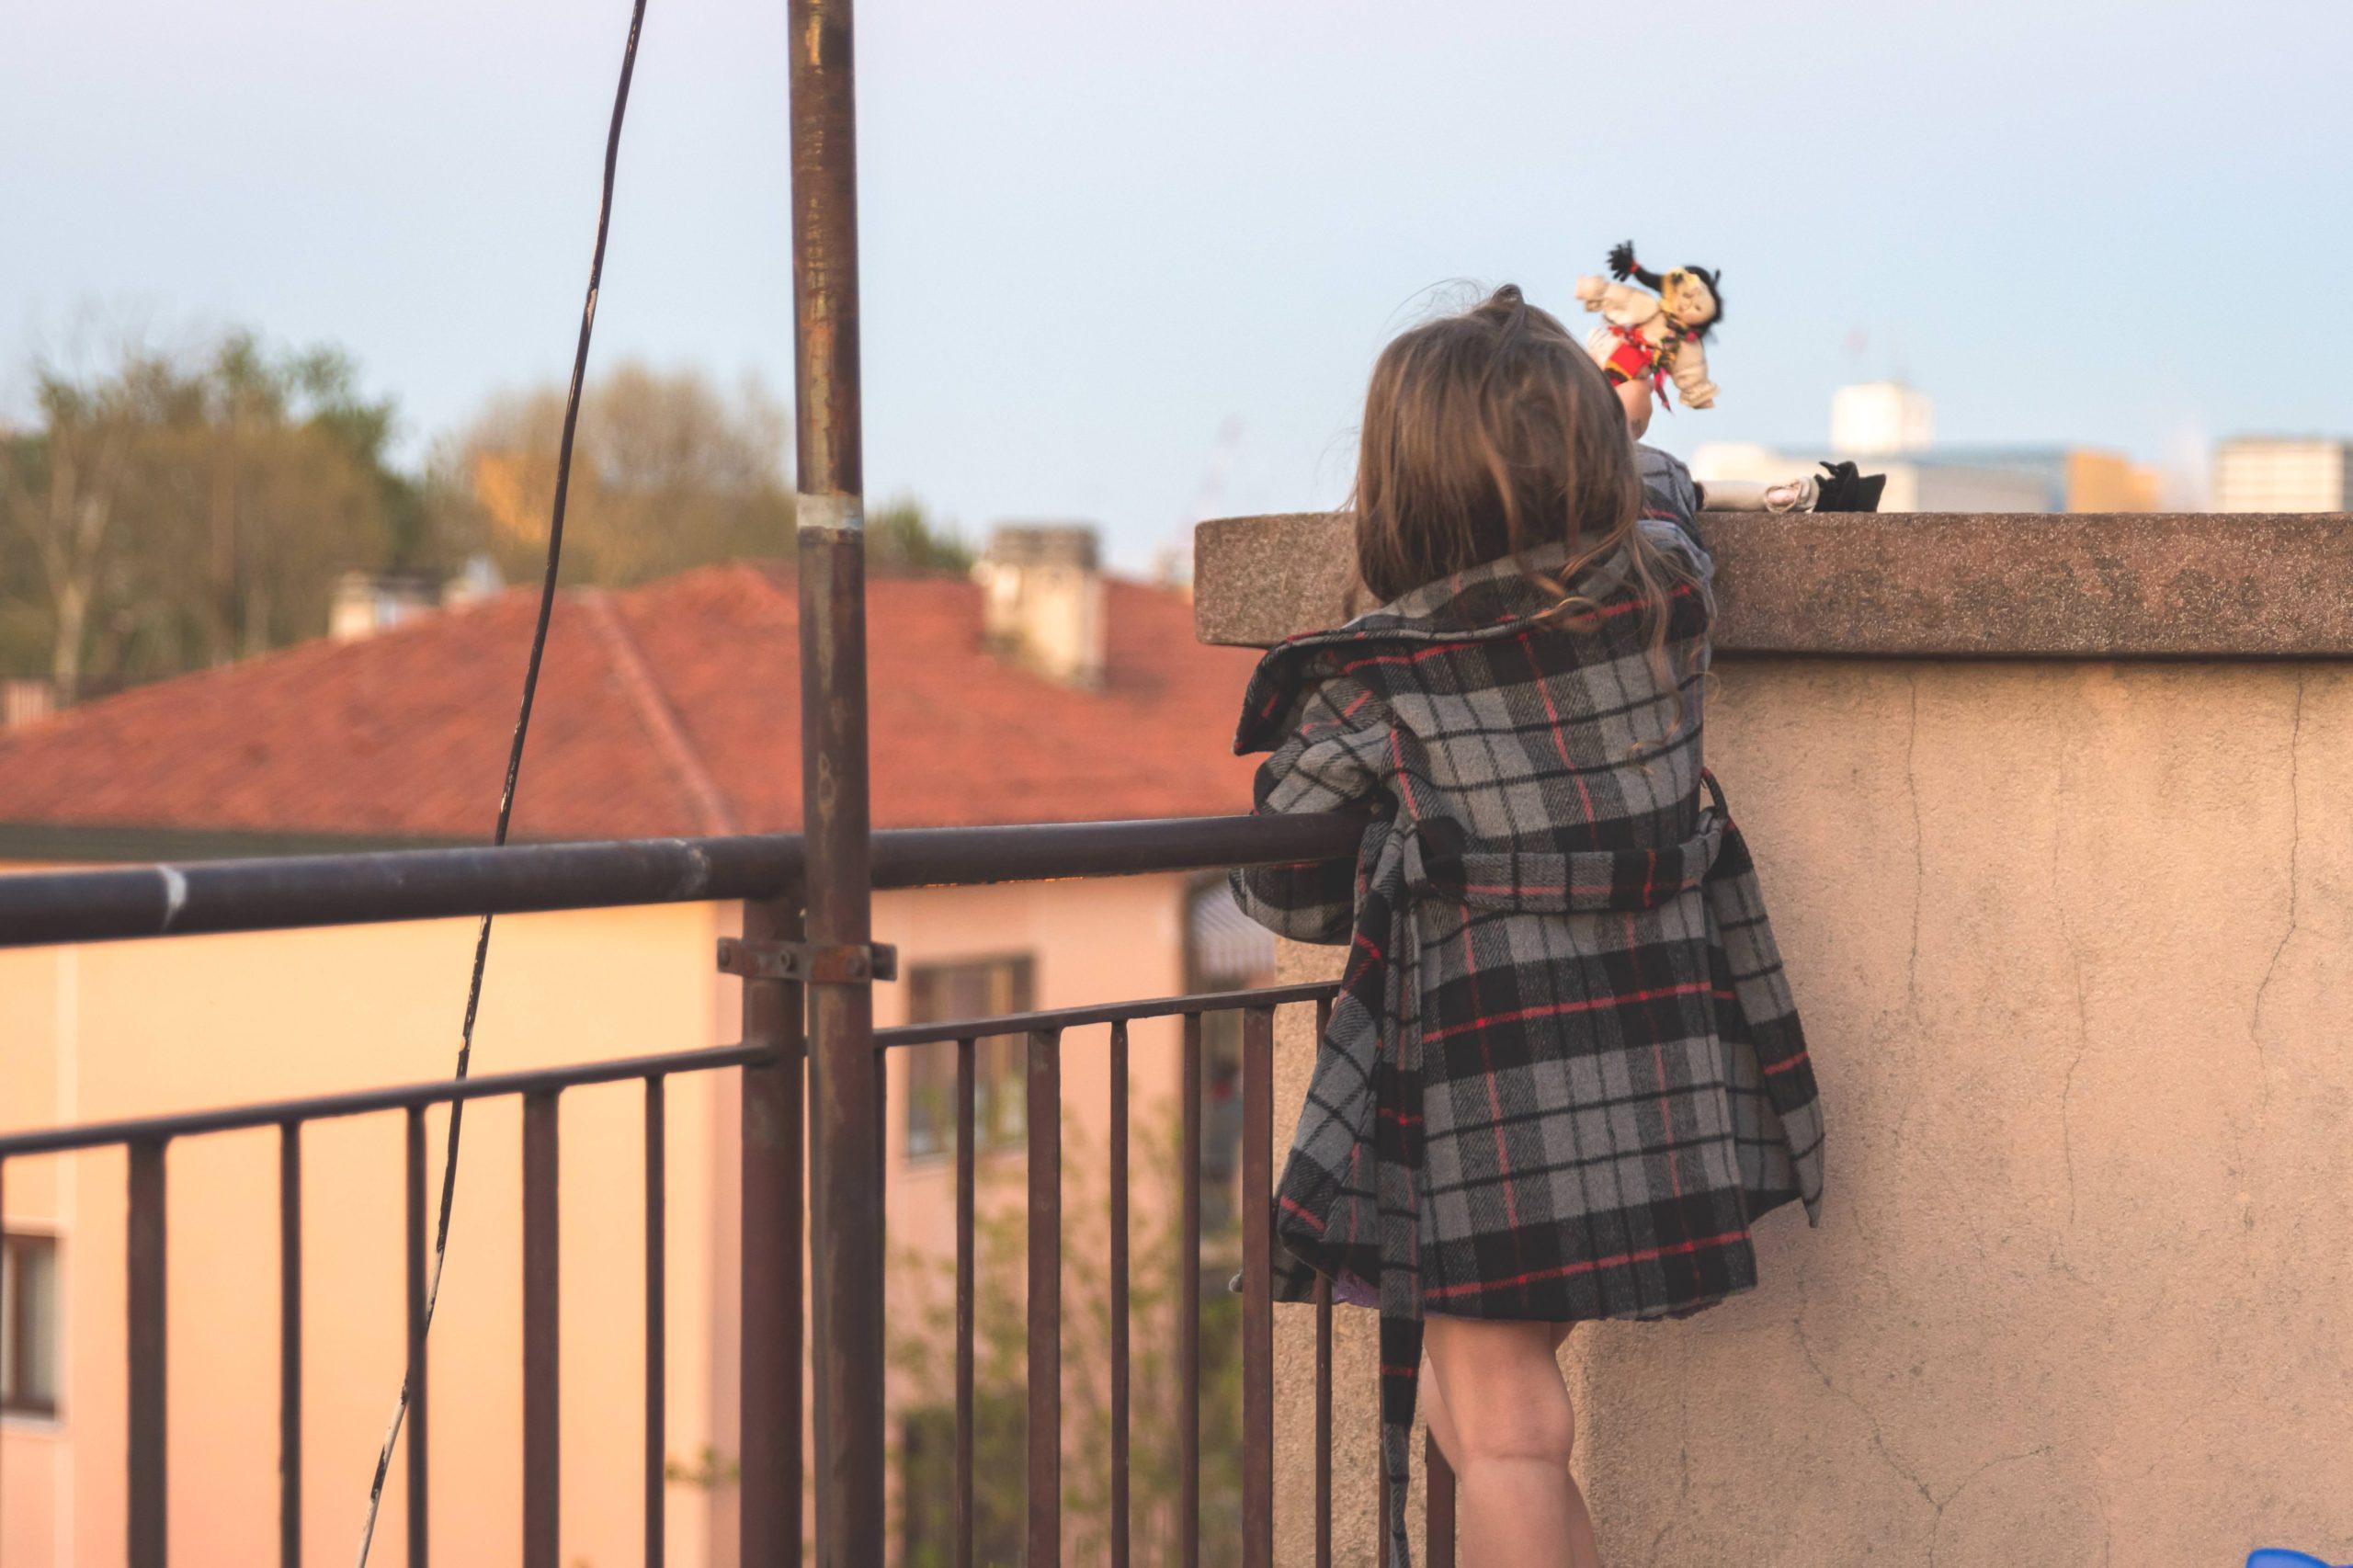 子供・ベランダ・屋上